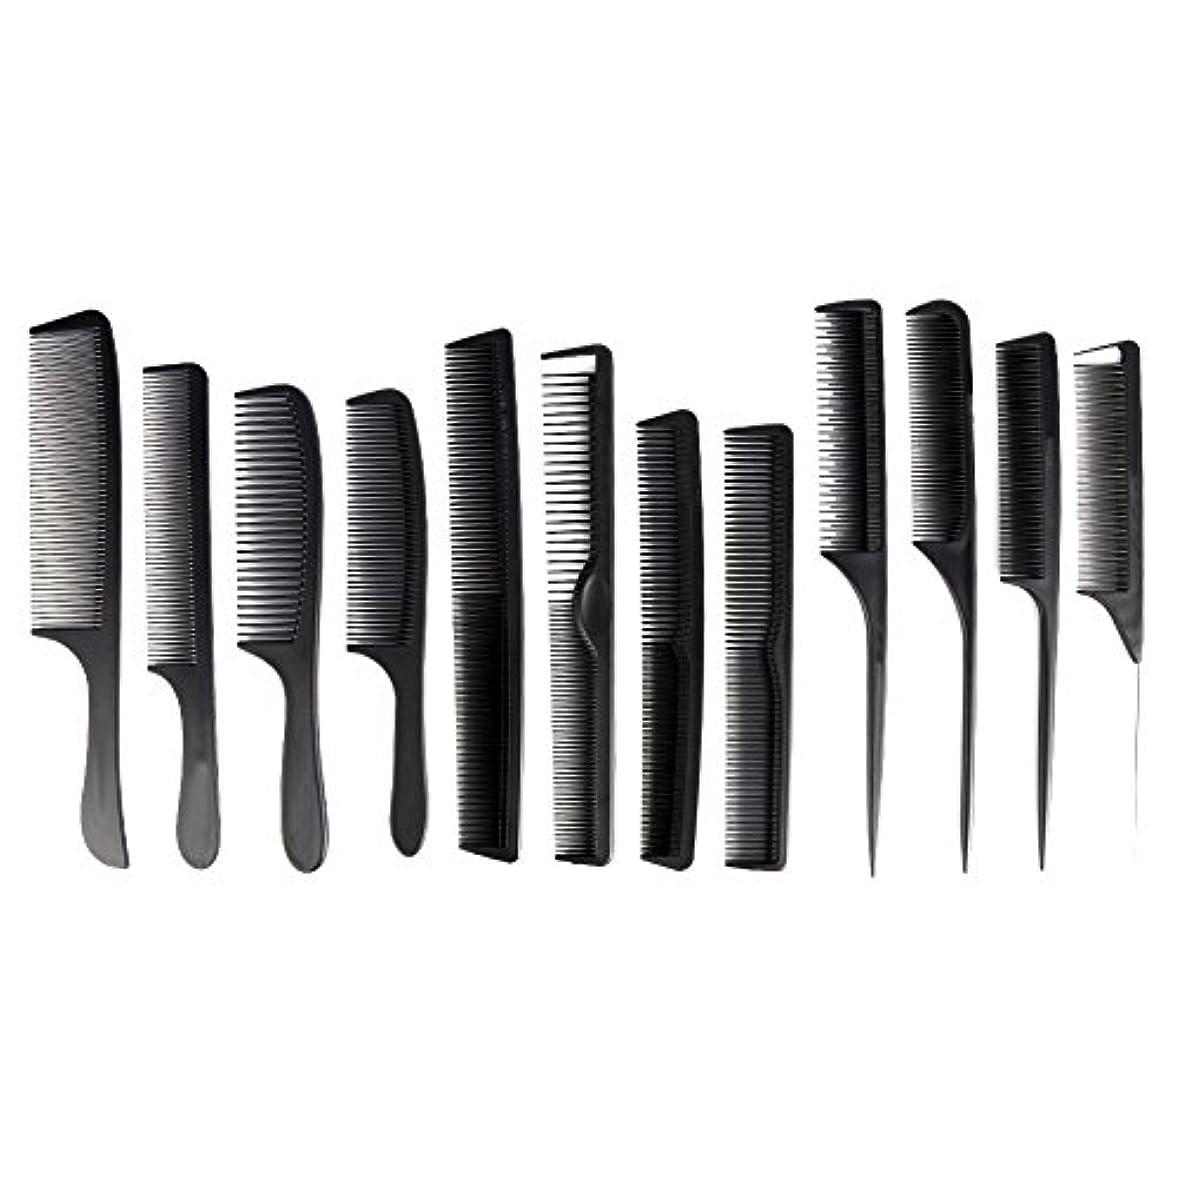 カウント再開極地カットコーム 散髪用コーム コームセット12点セット プロ用ヘアコーム  静電気減少 軽量 サロン/美容室/床屋など適用